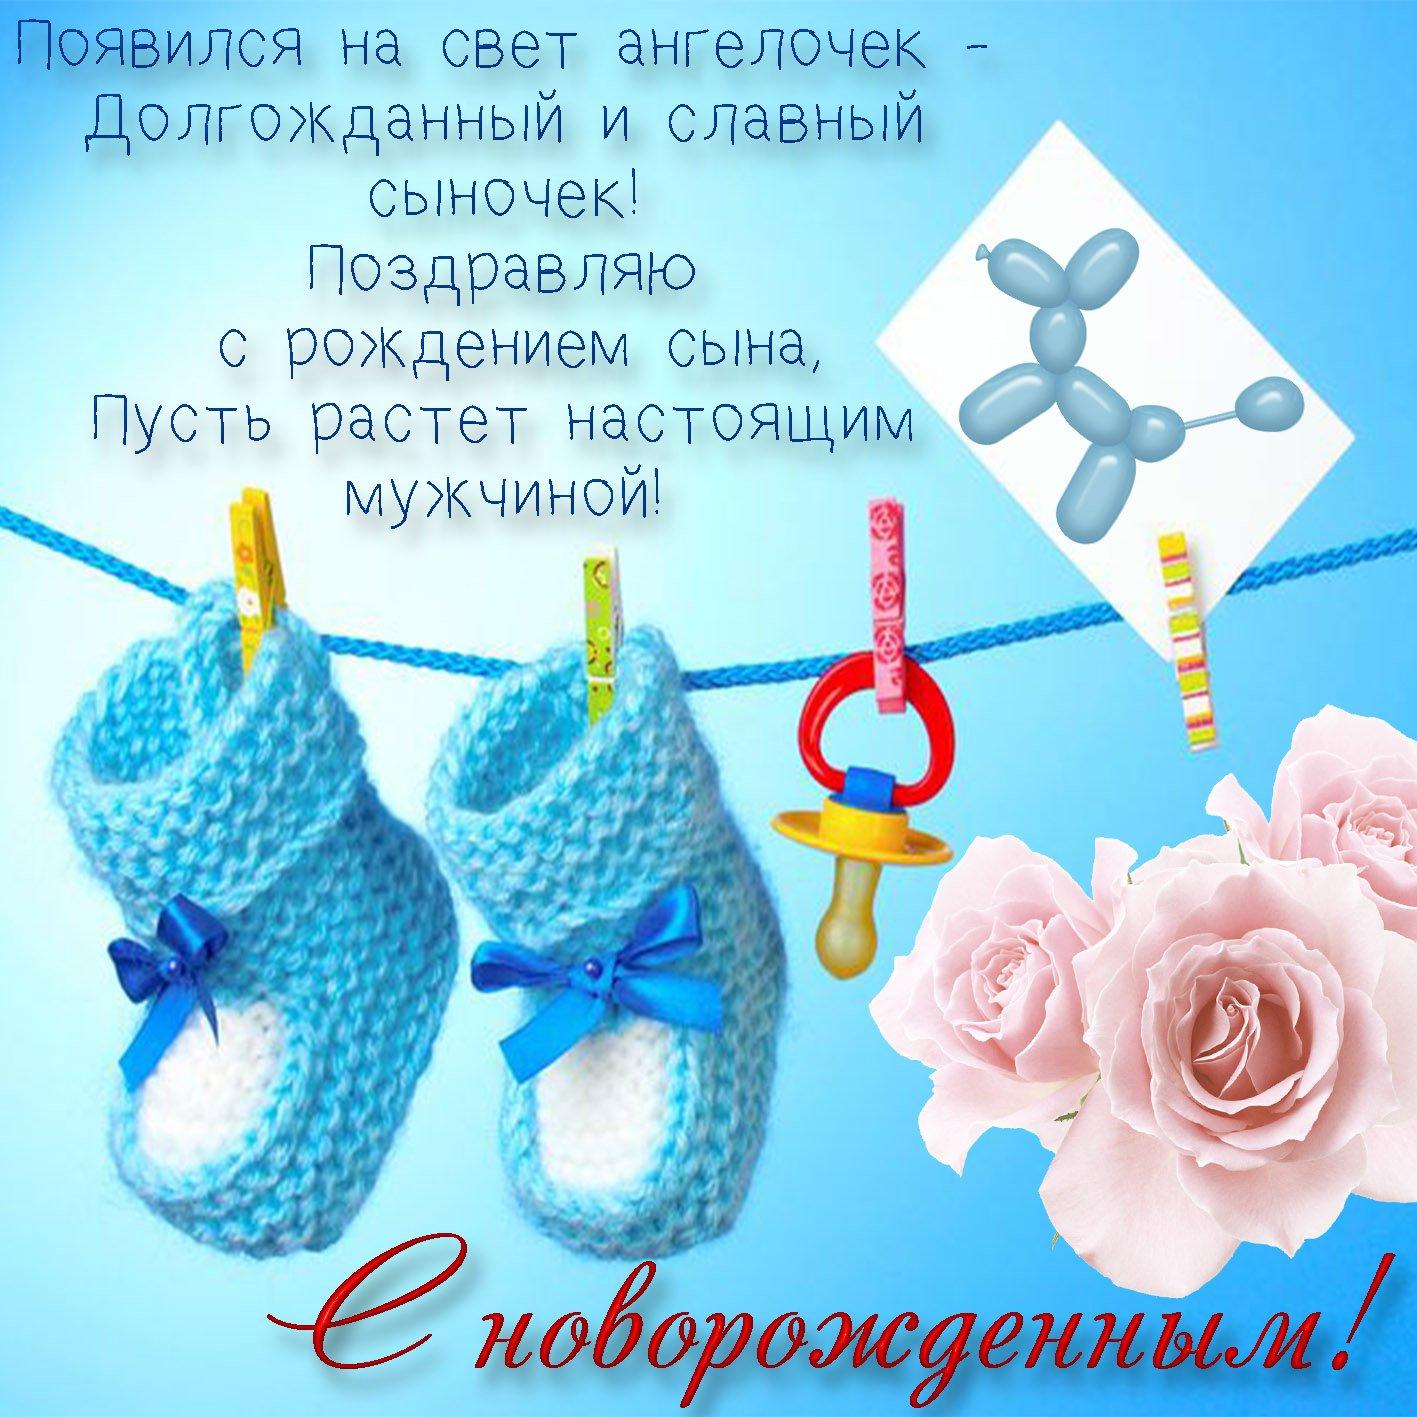 Поздравление для сестры с рождением сына 1 год